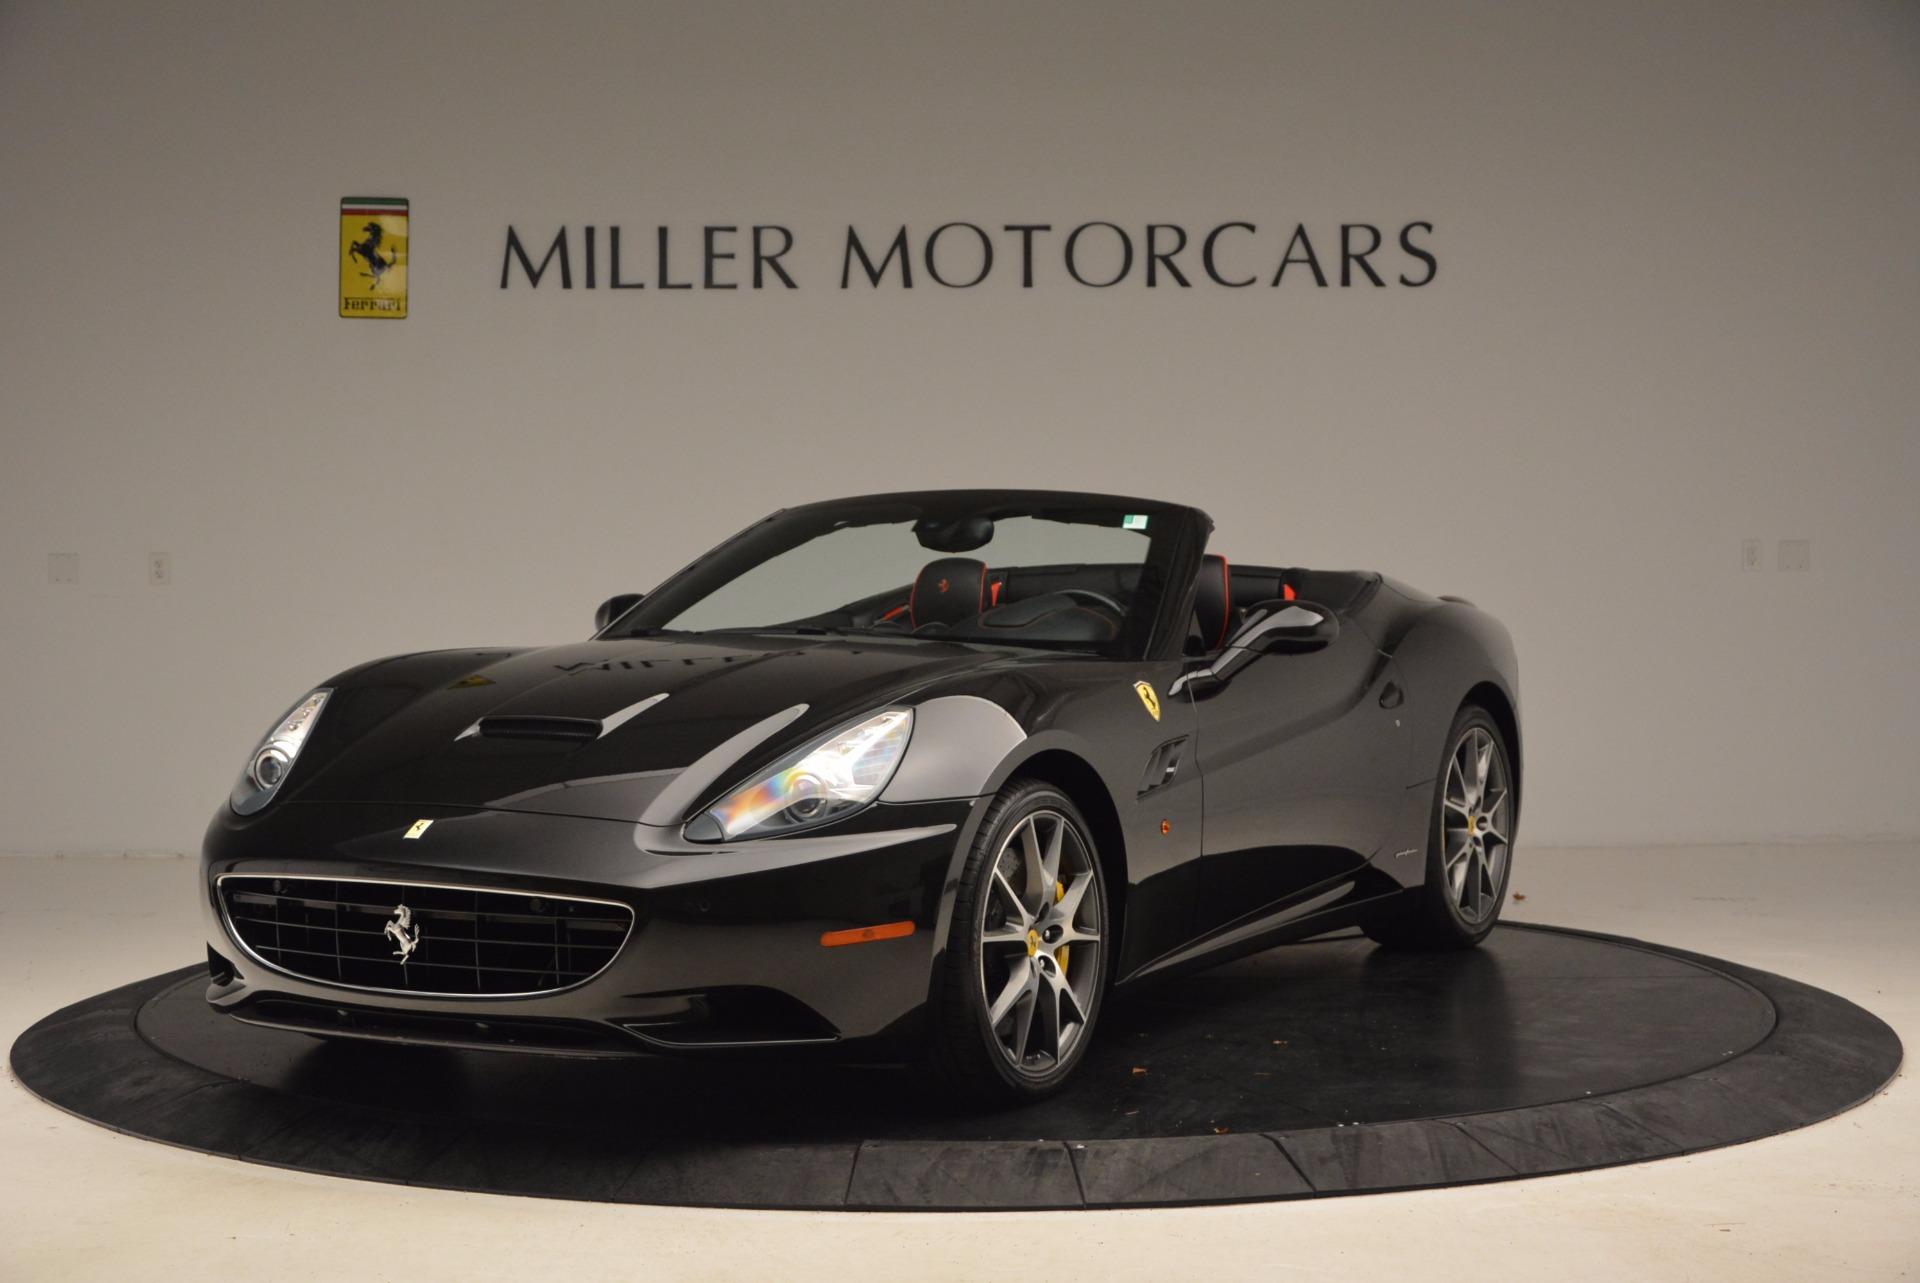 Used 2013 Ferrari California for sale Sold at Bugatti of Greenwich in Greenwich CT 06830 1